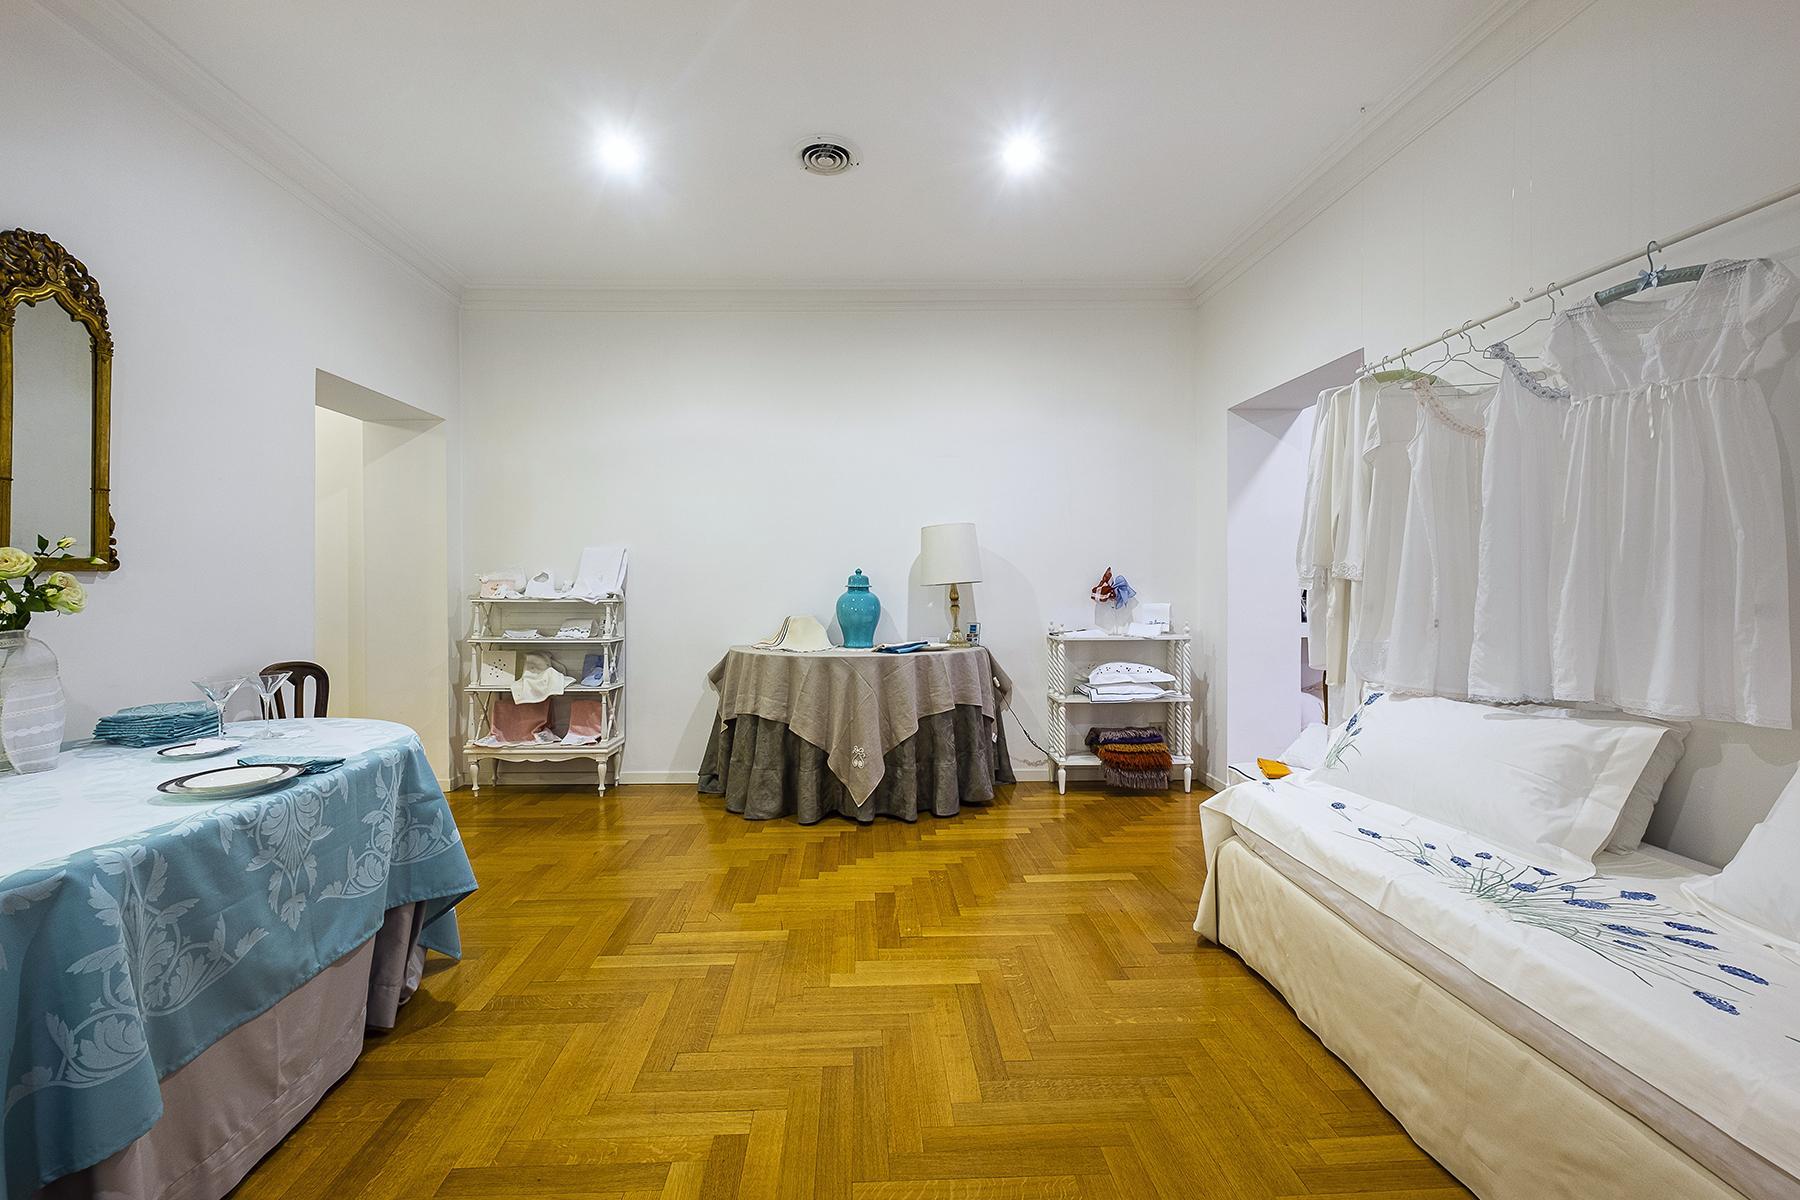 Negozio in affitto nell'esclusiva via Frattina - 11